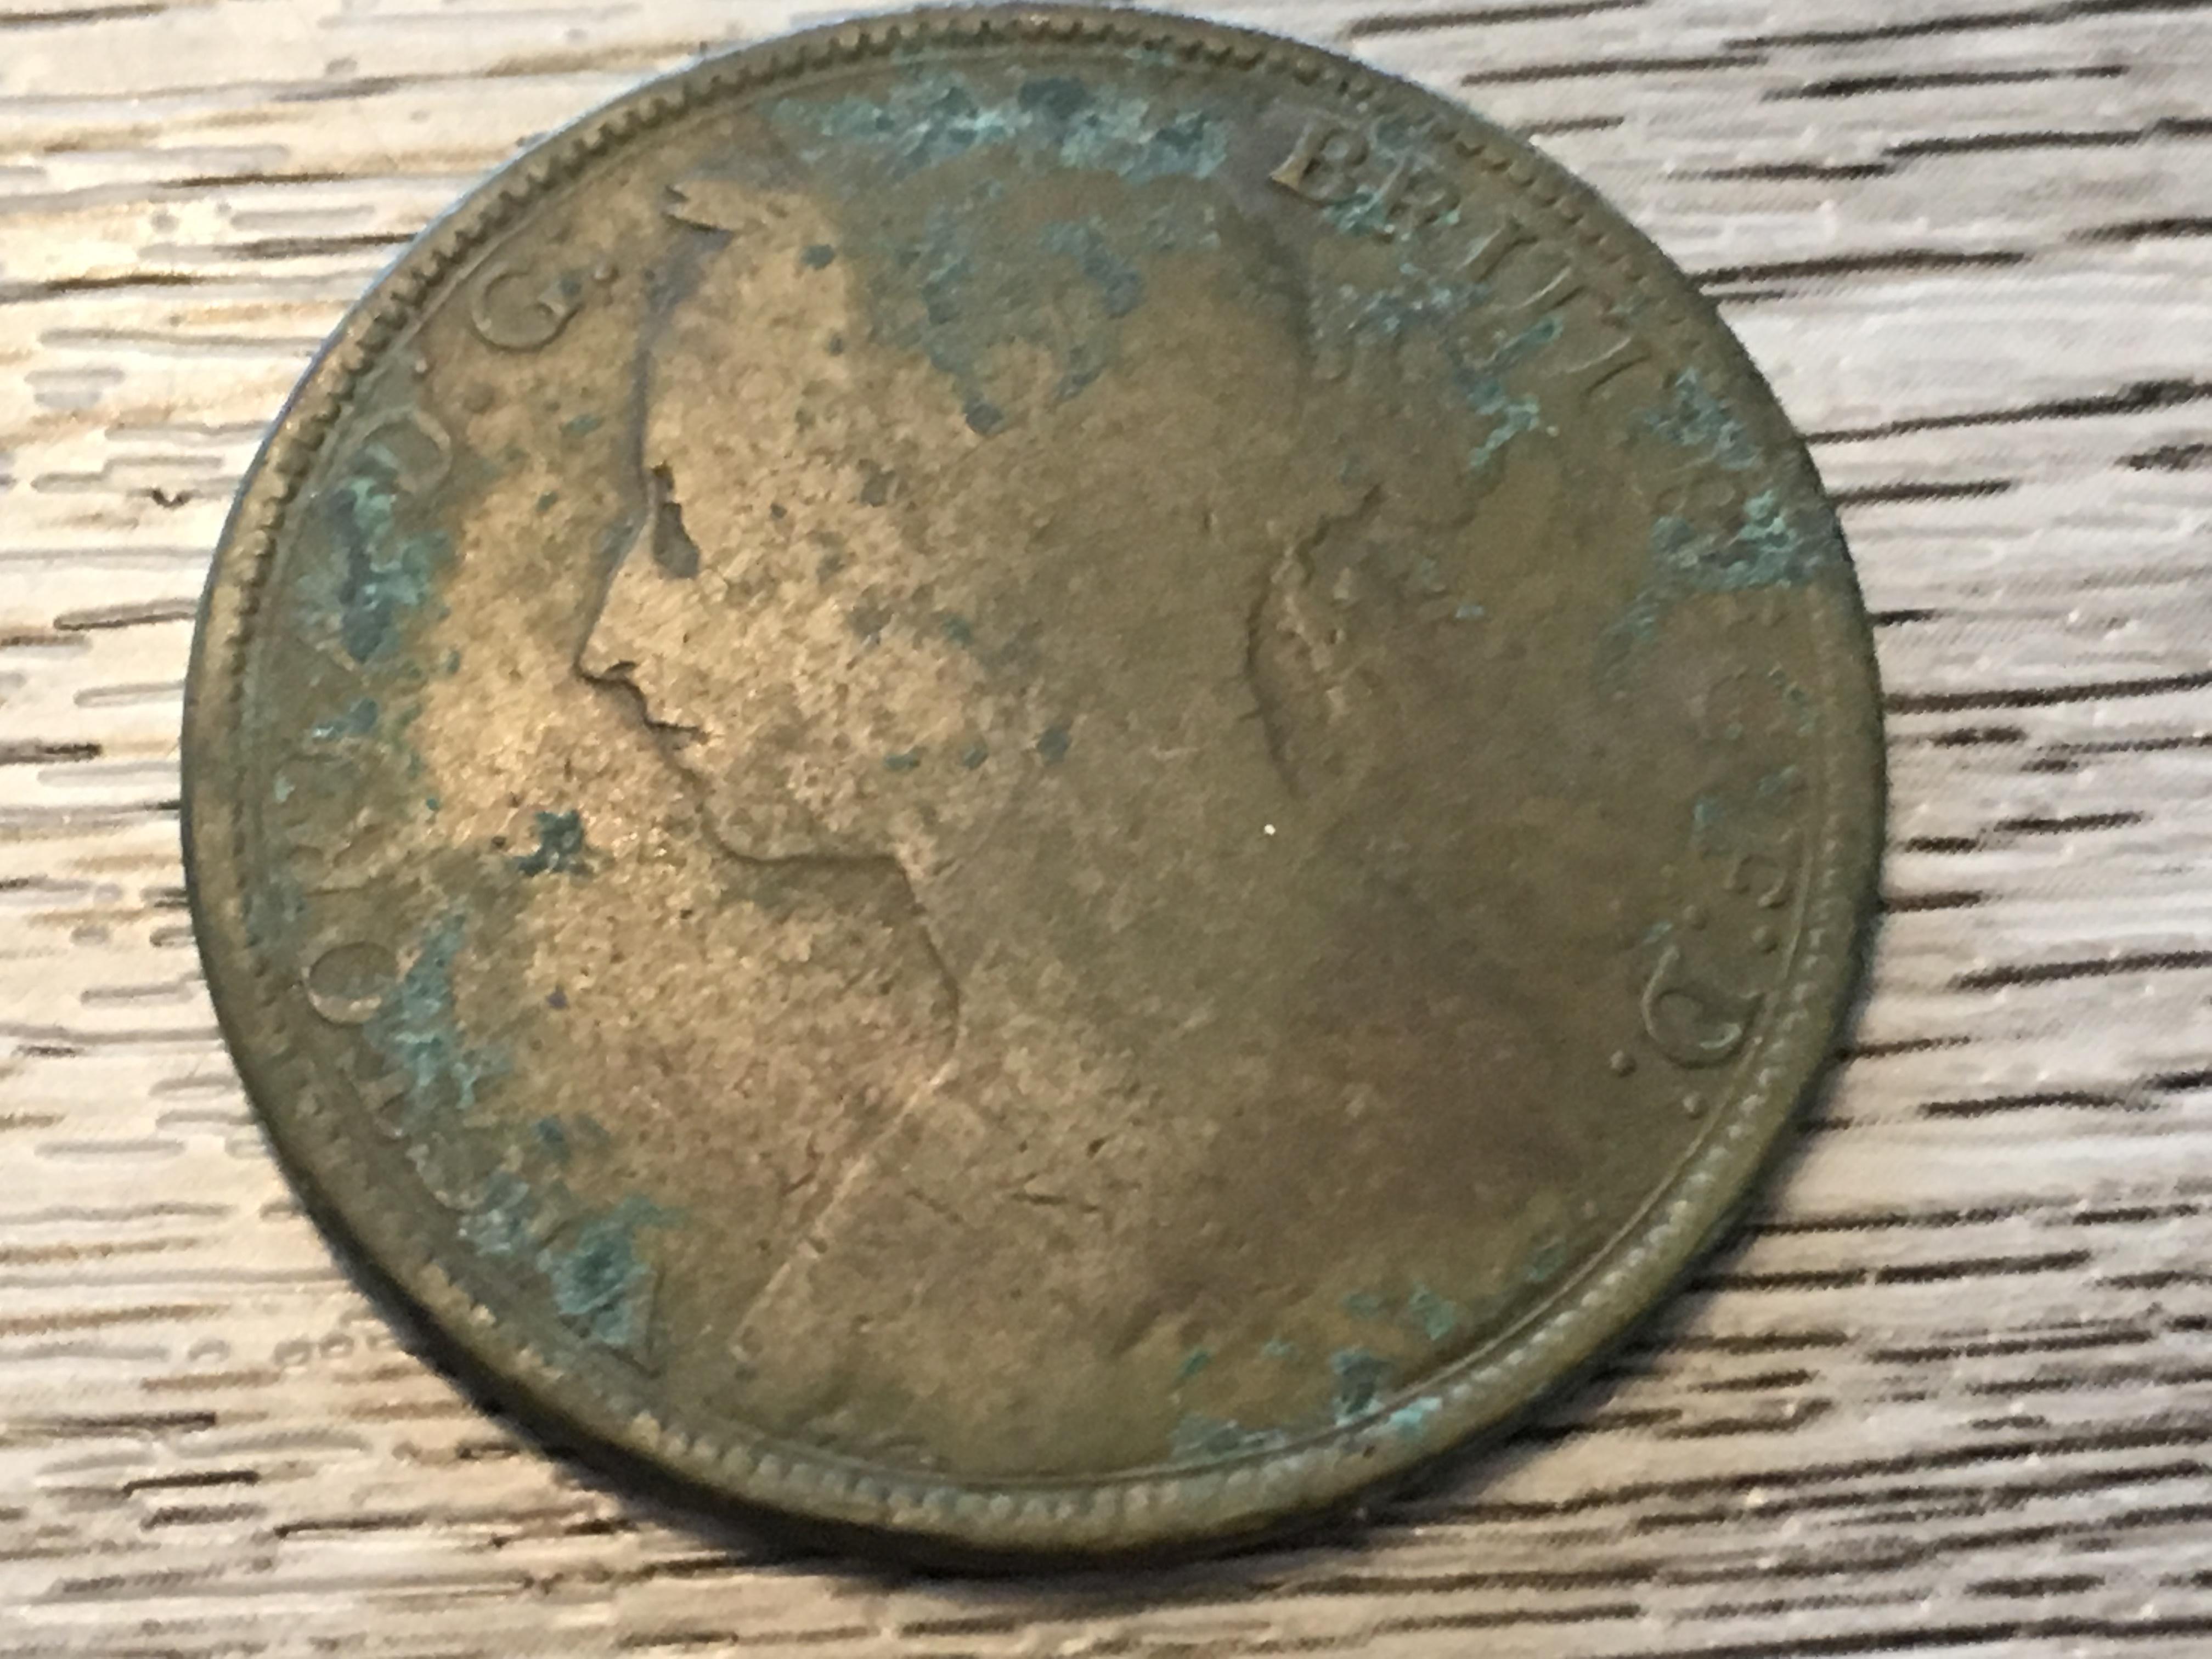 https://0901.nccdn.net/4_2/000/000/01e/20c/1892-Queen-Victoria-4032x3024.jpg